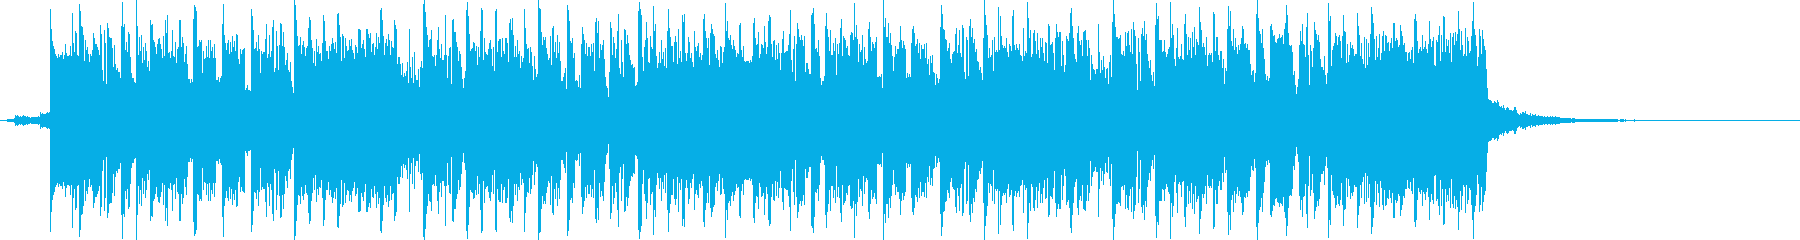 8bit感のあるロックポップの曲の再生済みの波形